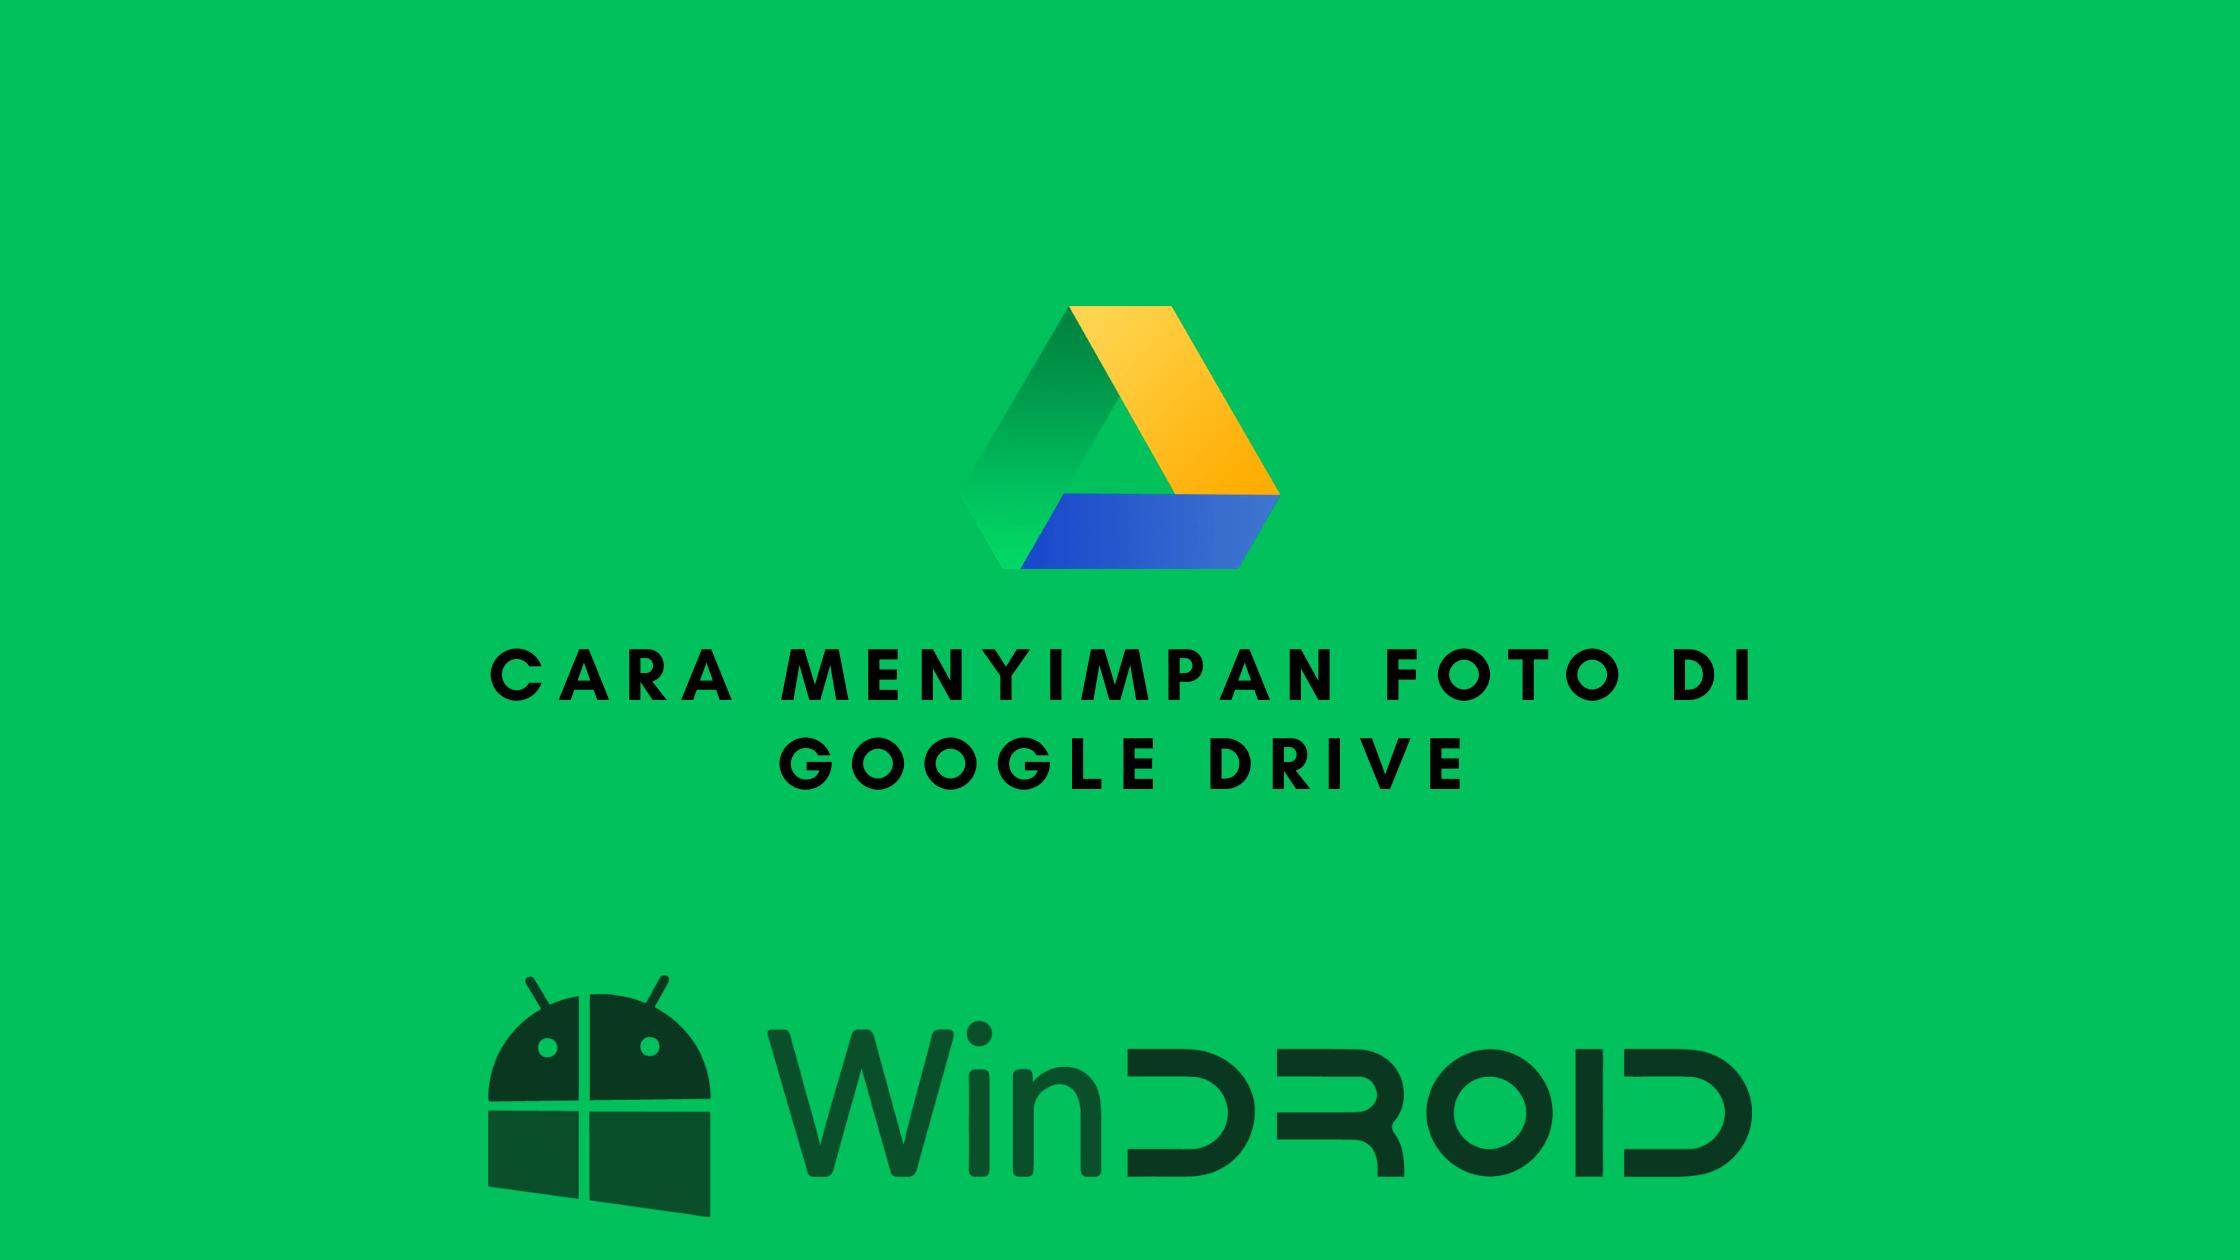 4 Cara Menyimpan Foto Di Google Drive Lewat Hp Dan Laptop